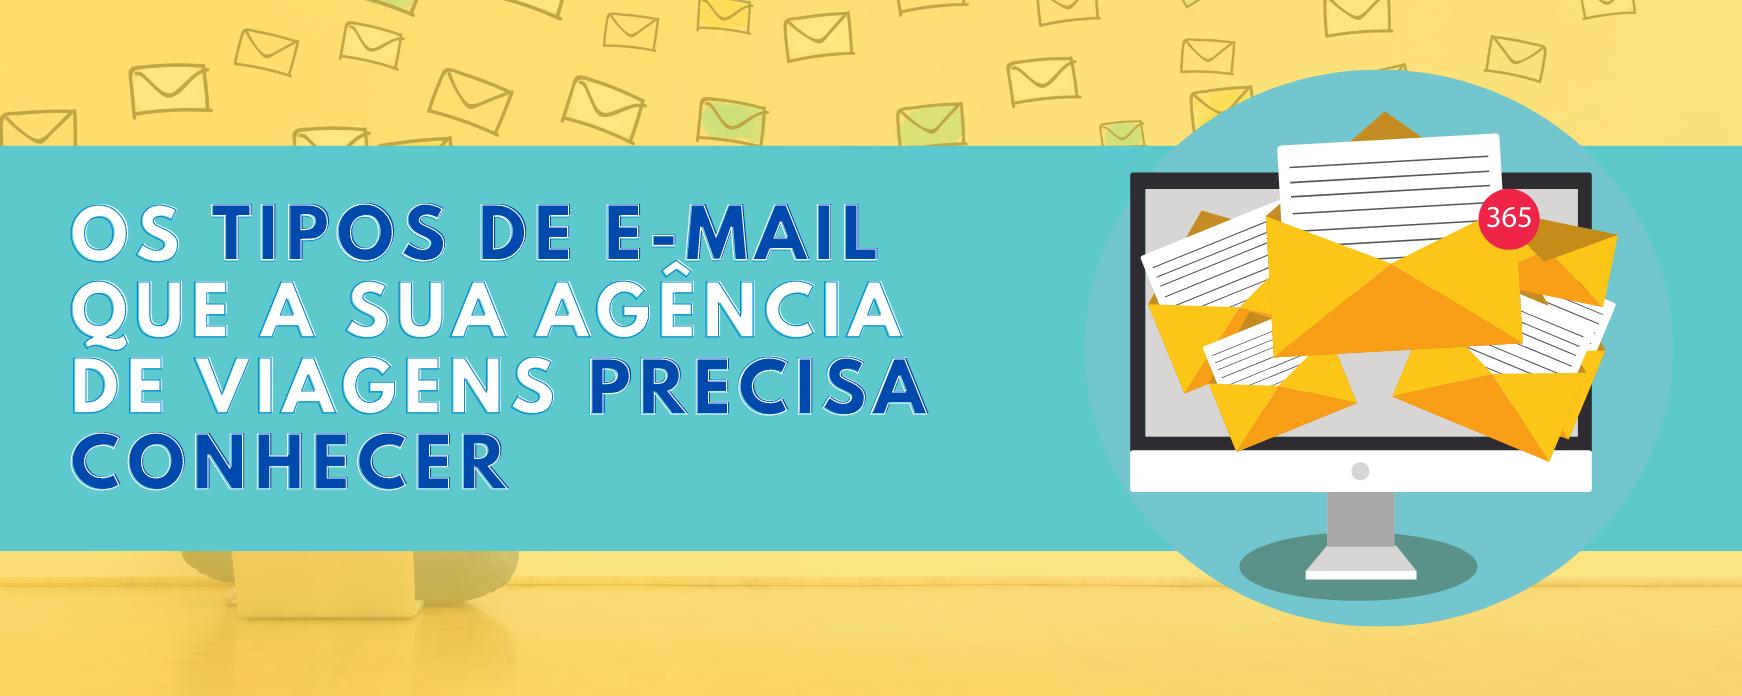 Os tipos de e-mail que a sua agência deve conhecer